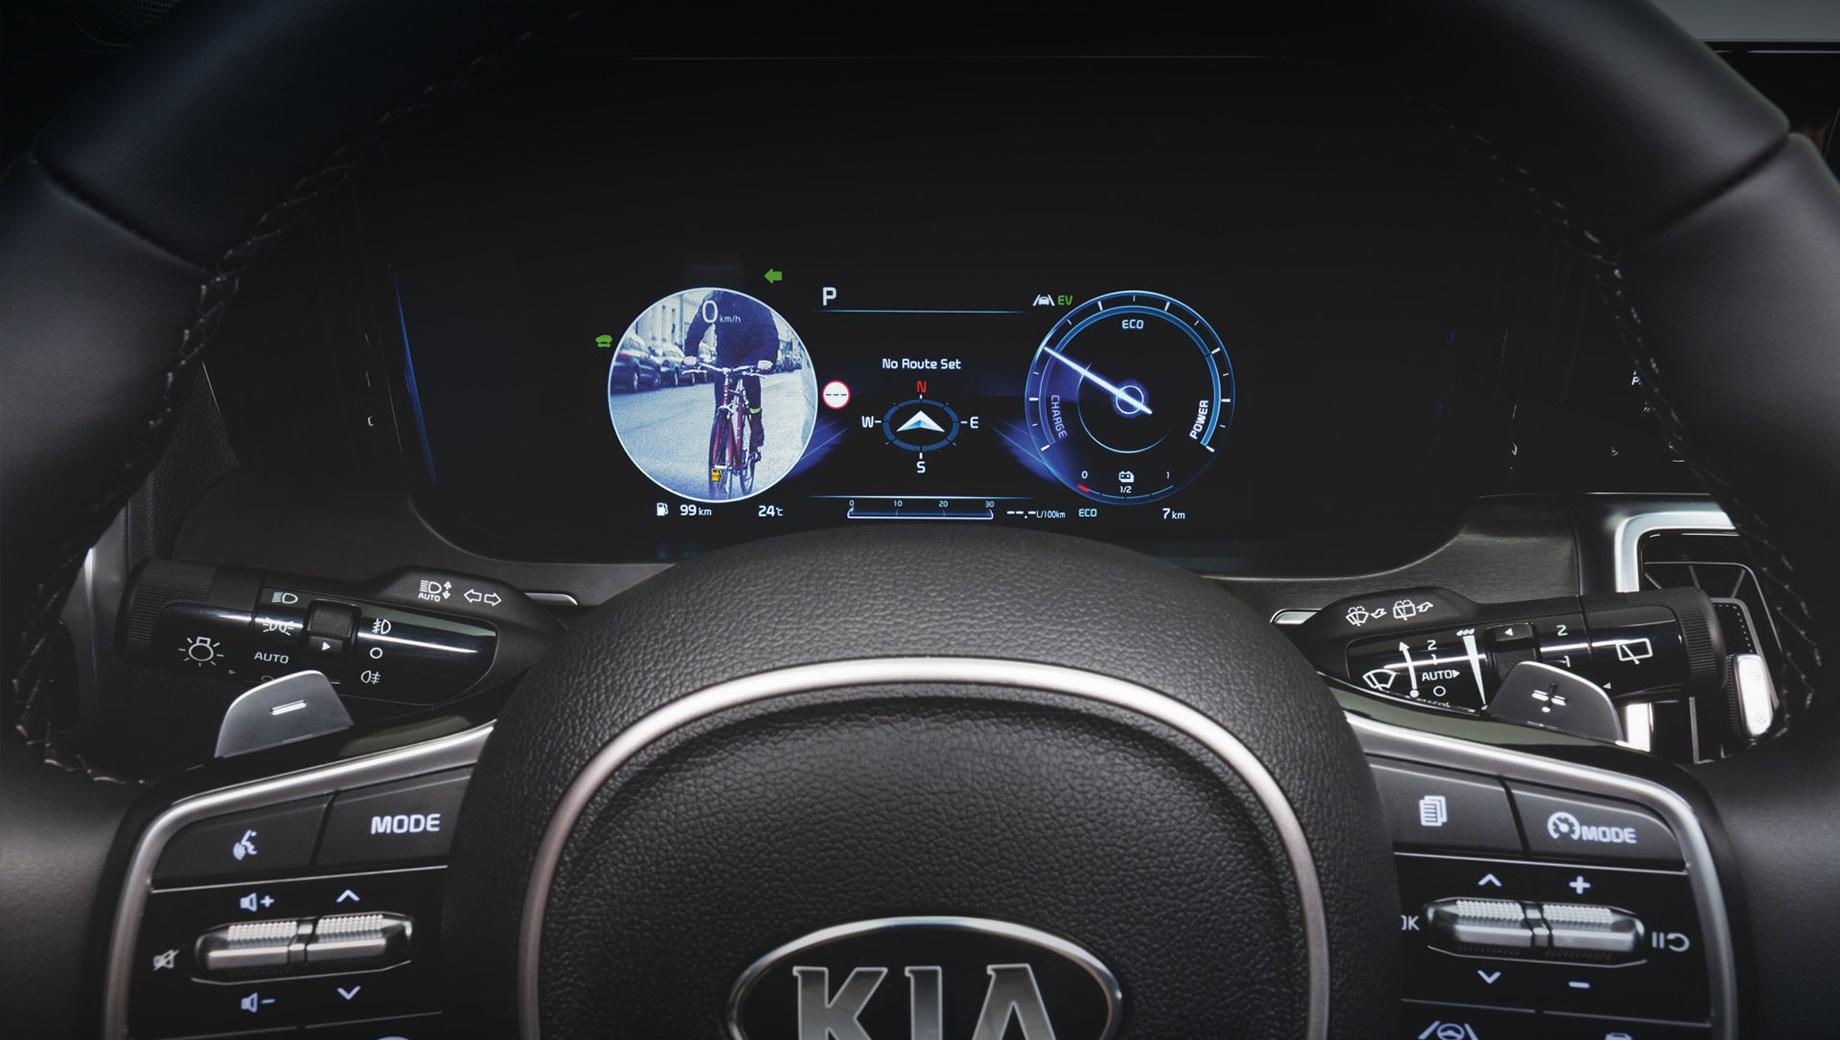 Kia sorento. На Sorento заказать систему Blind-Spot View Monitor отдельно нельзя. Она входит в пакет опций, где ещё есть камеры кругового обзора, парковочный ассистент и аудиосистема Bose с 12 динамиками.